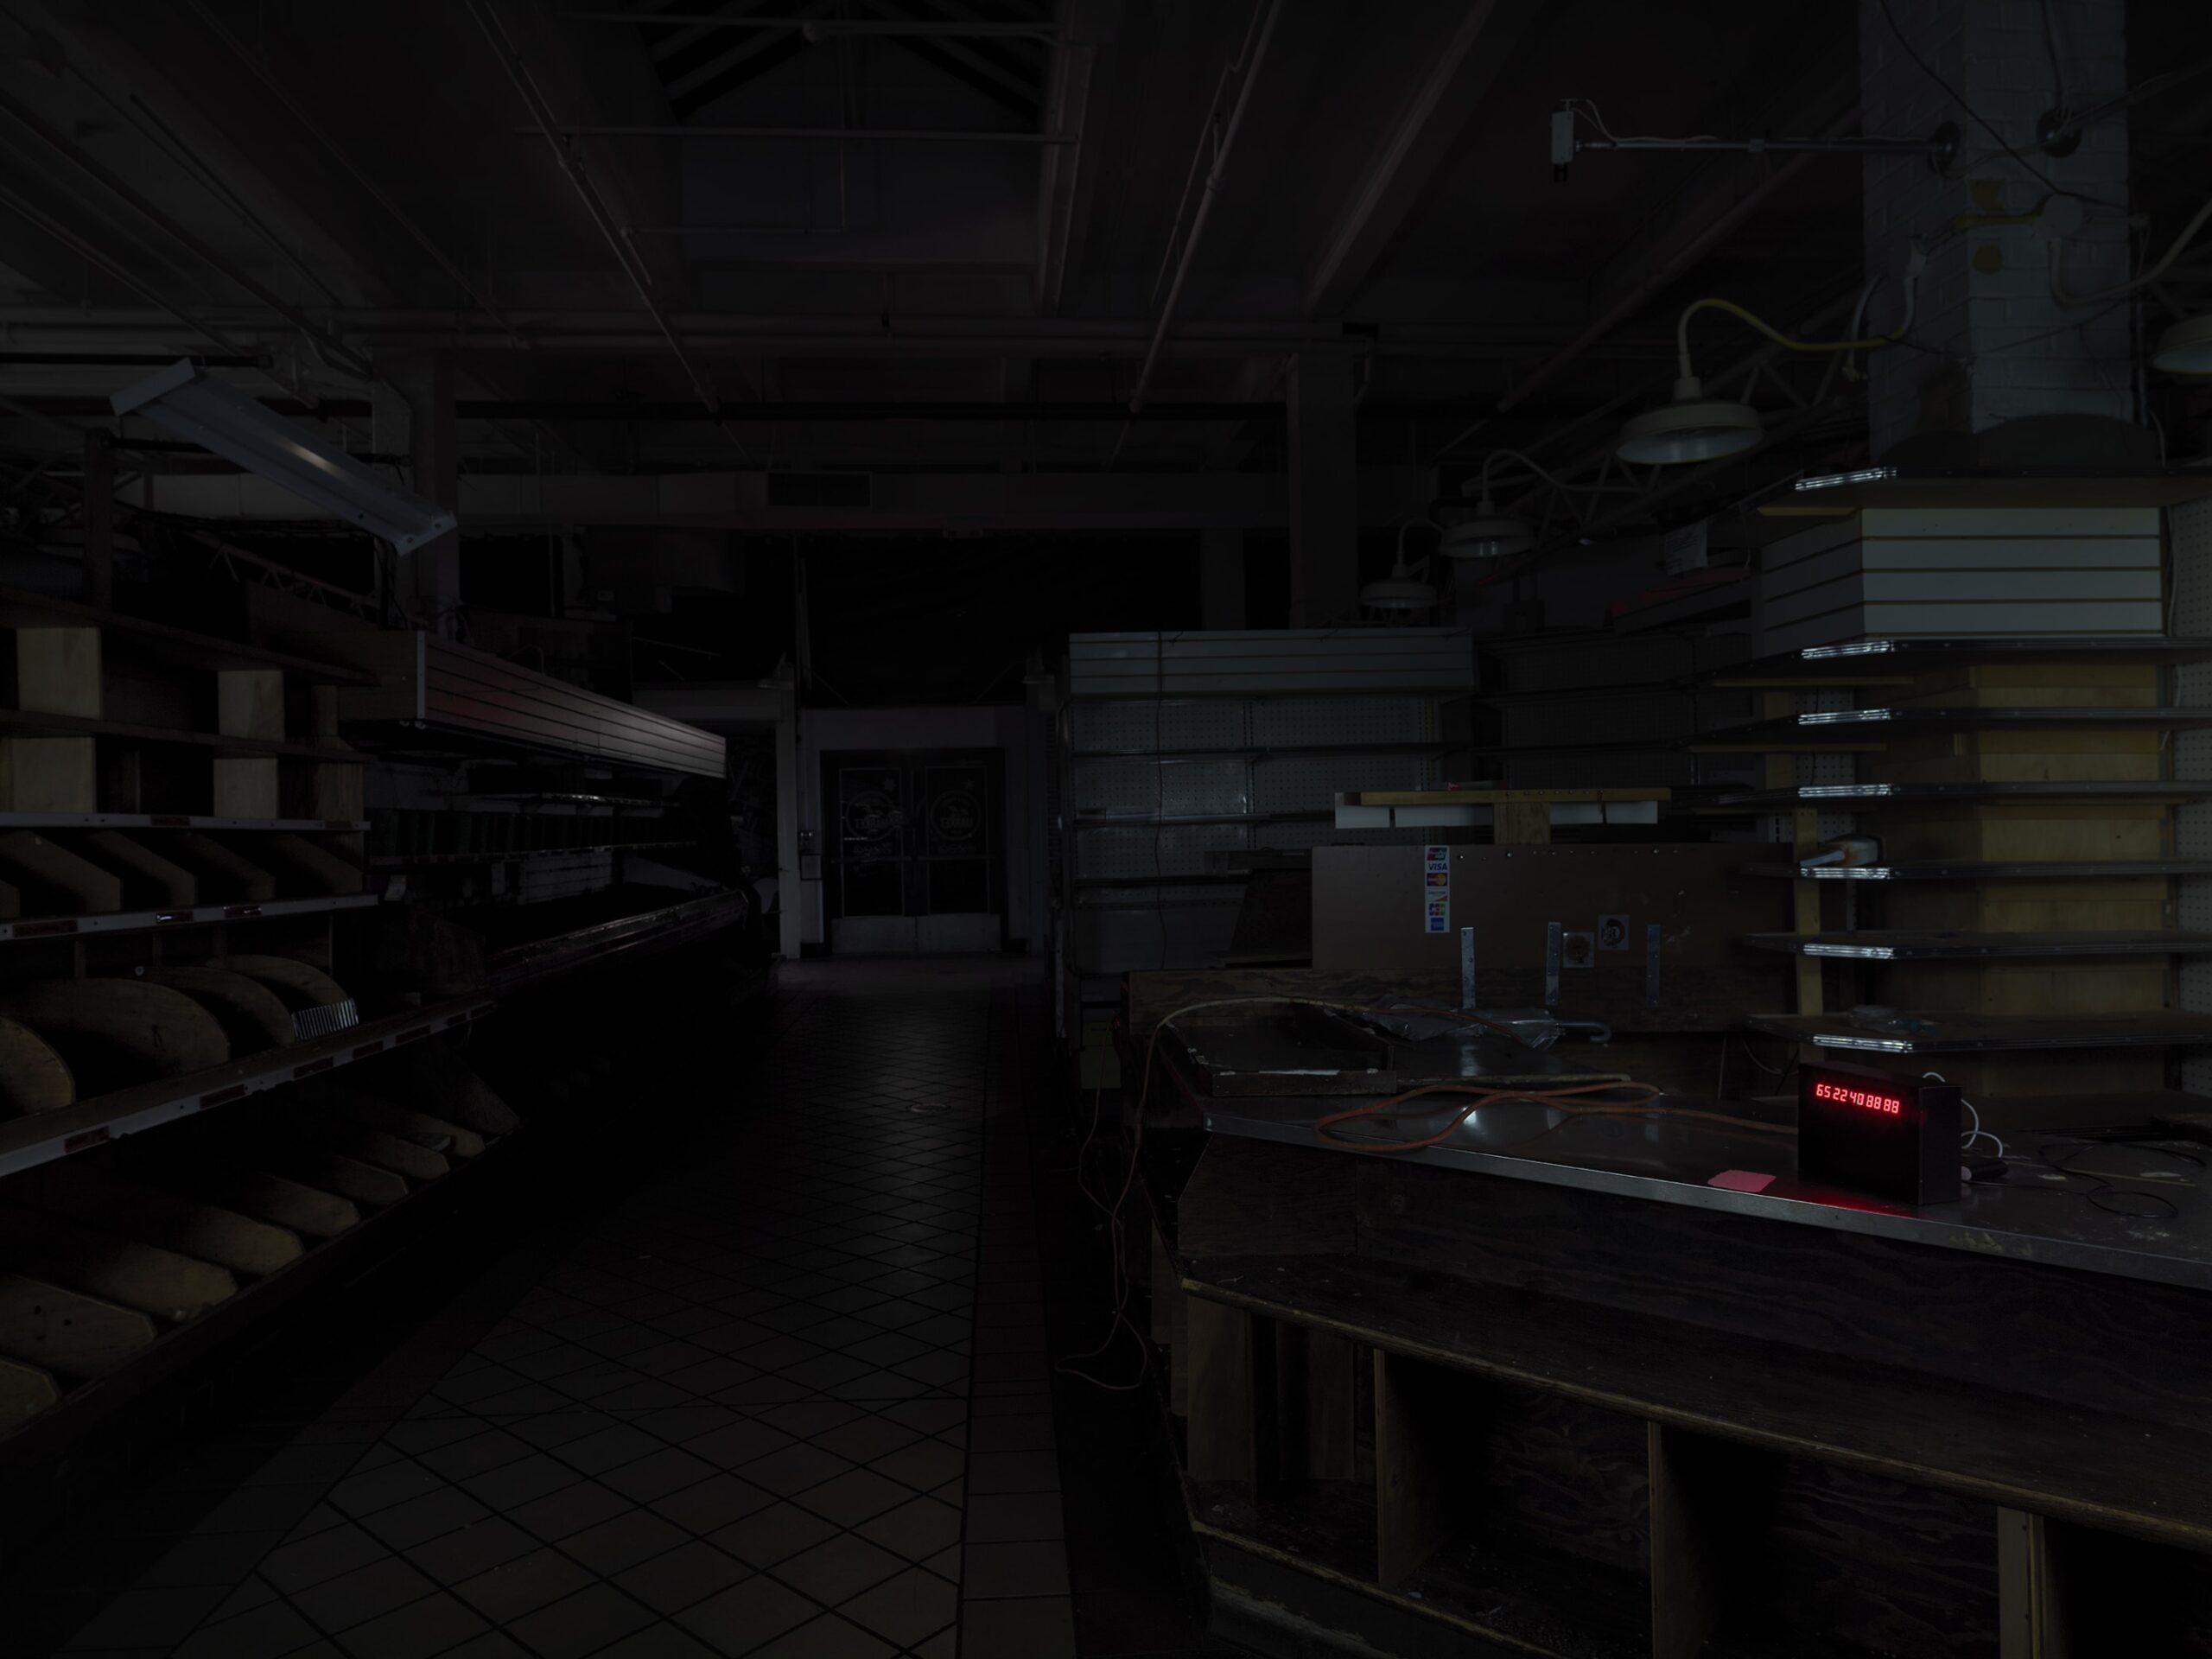 Andrea Nacciarriti, 00 00 00 00 00 [Essex Street Retail Market], 2019, Visione dell'Installazione. Foto, Dario Lasagni